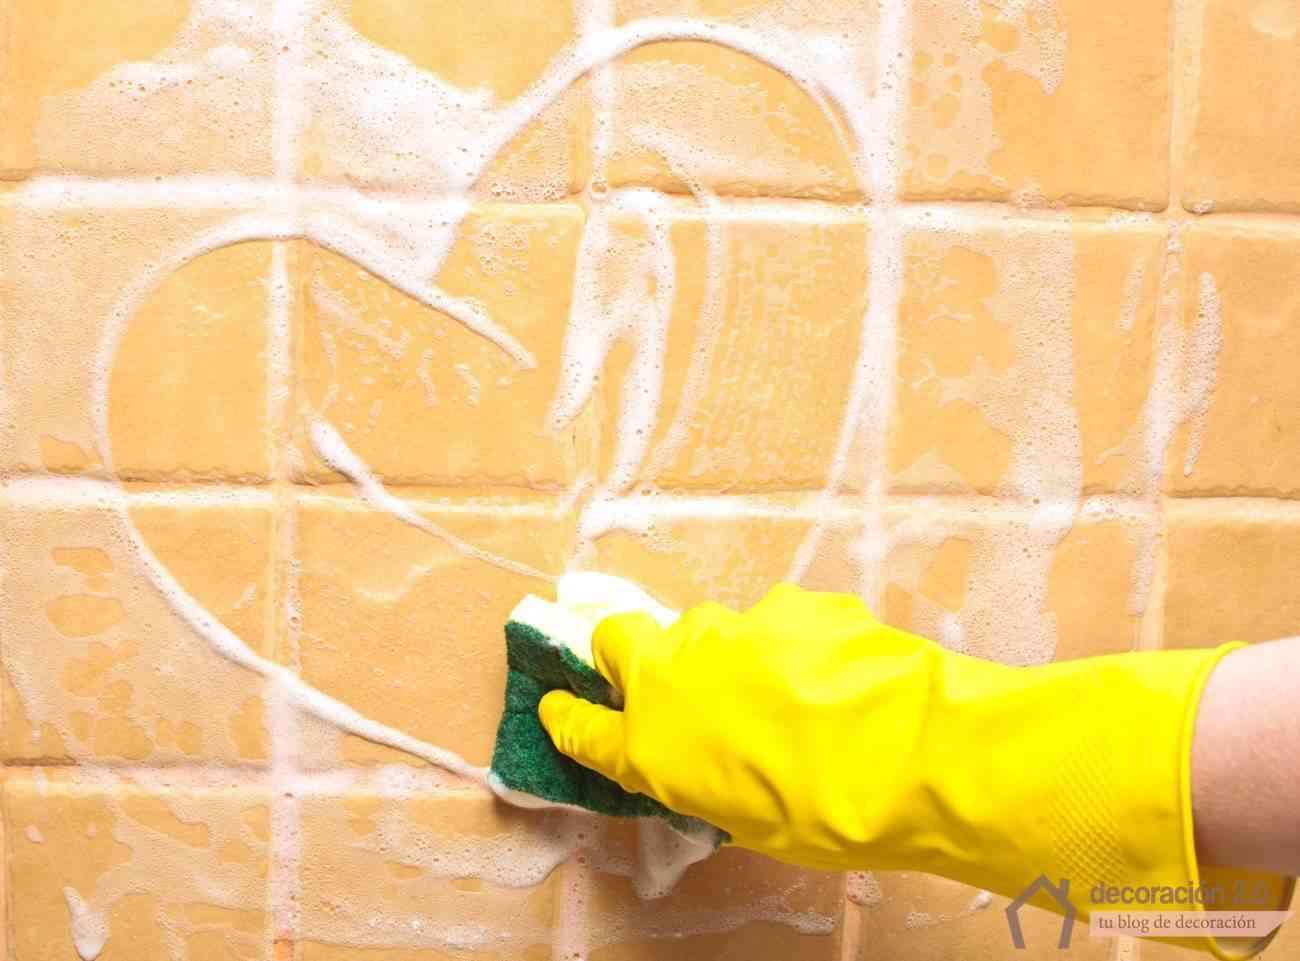 Ideas para limpiar las juntas de los azulejos - Limpiar juntas azulejos ennegrecidas ...